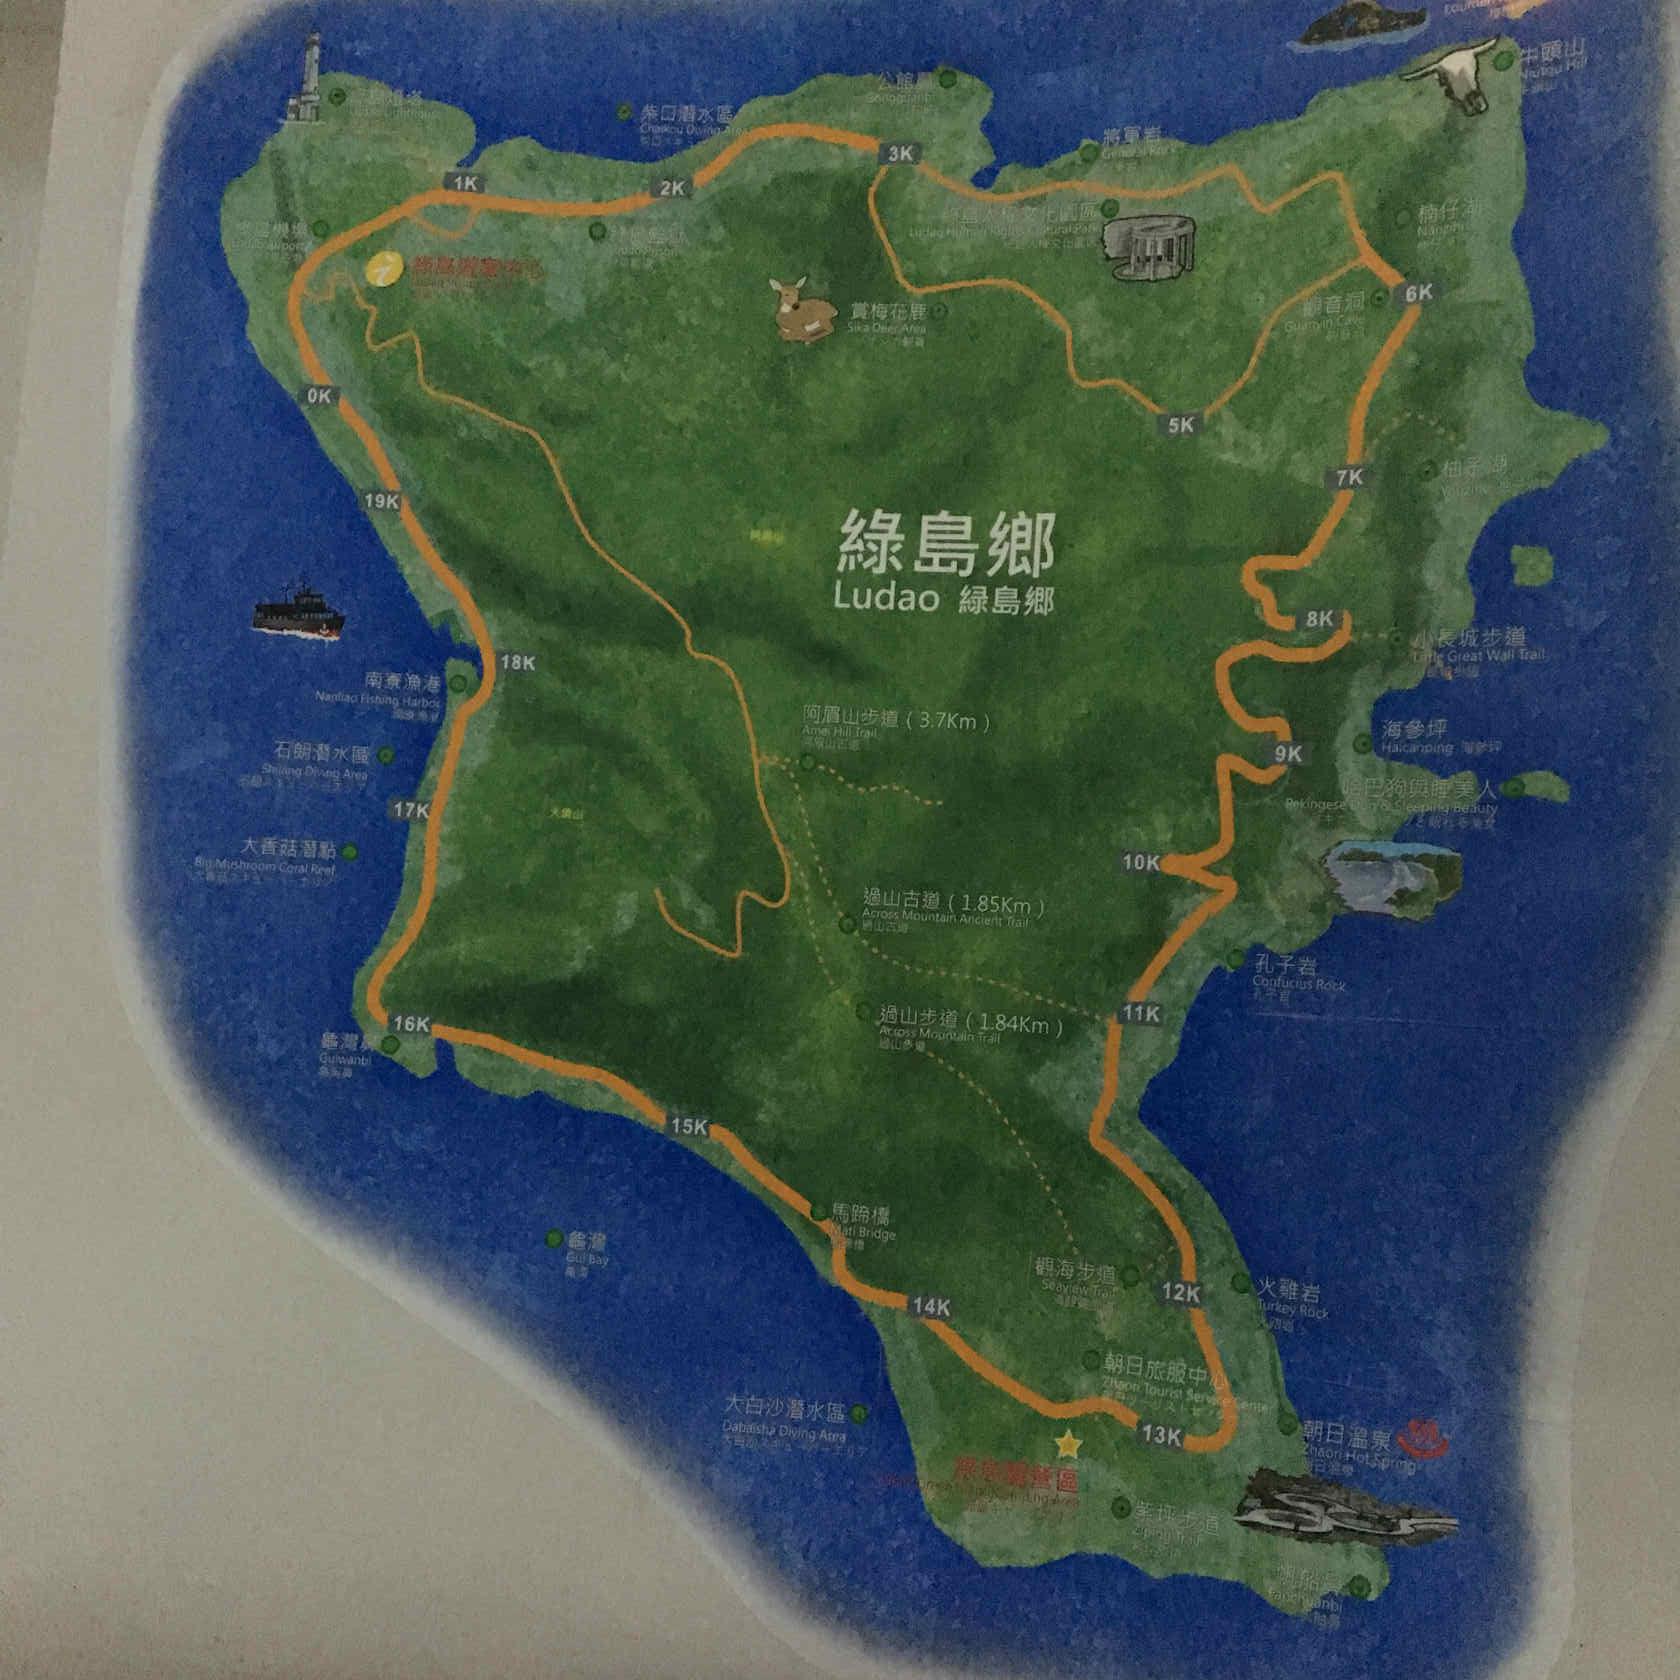 東台湾 サーフトリップ 観光